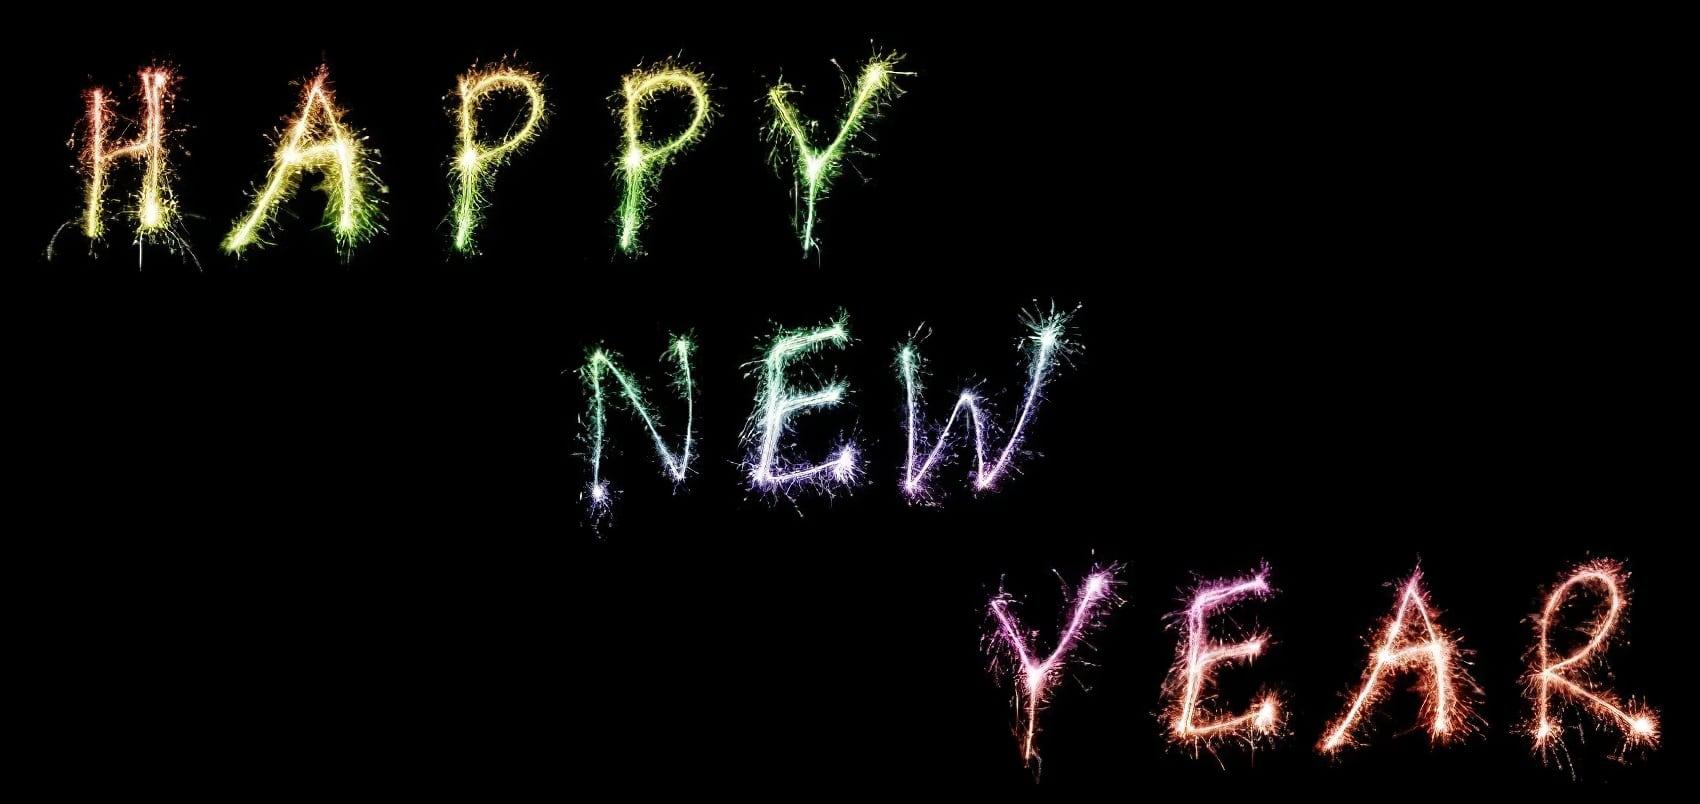 Happy New Year, Bonne Année, Nouvel An